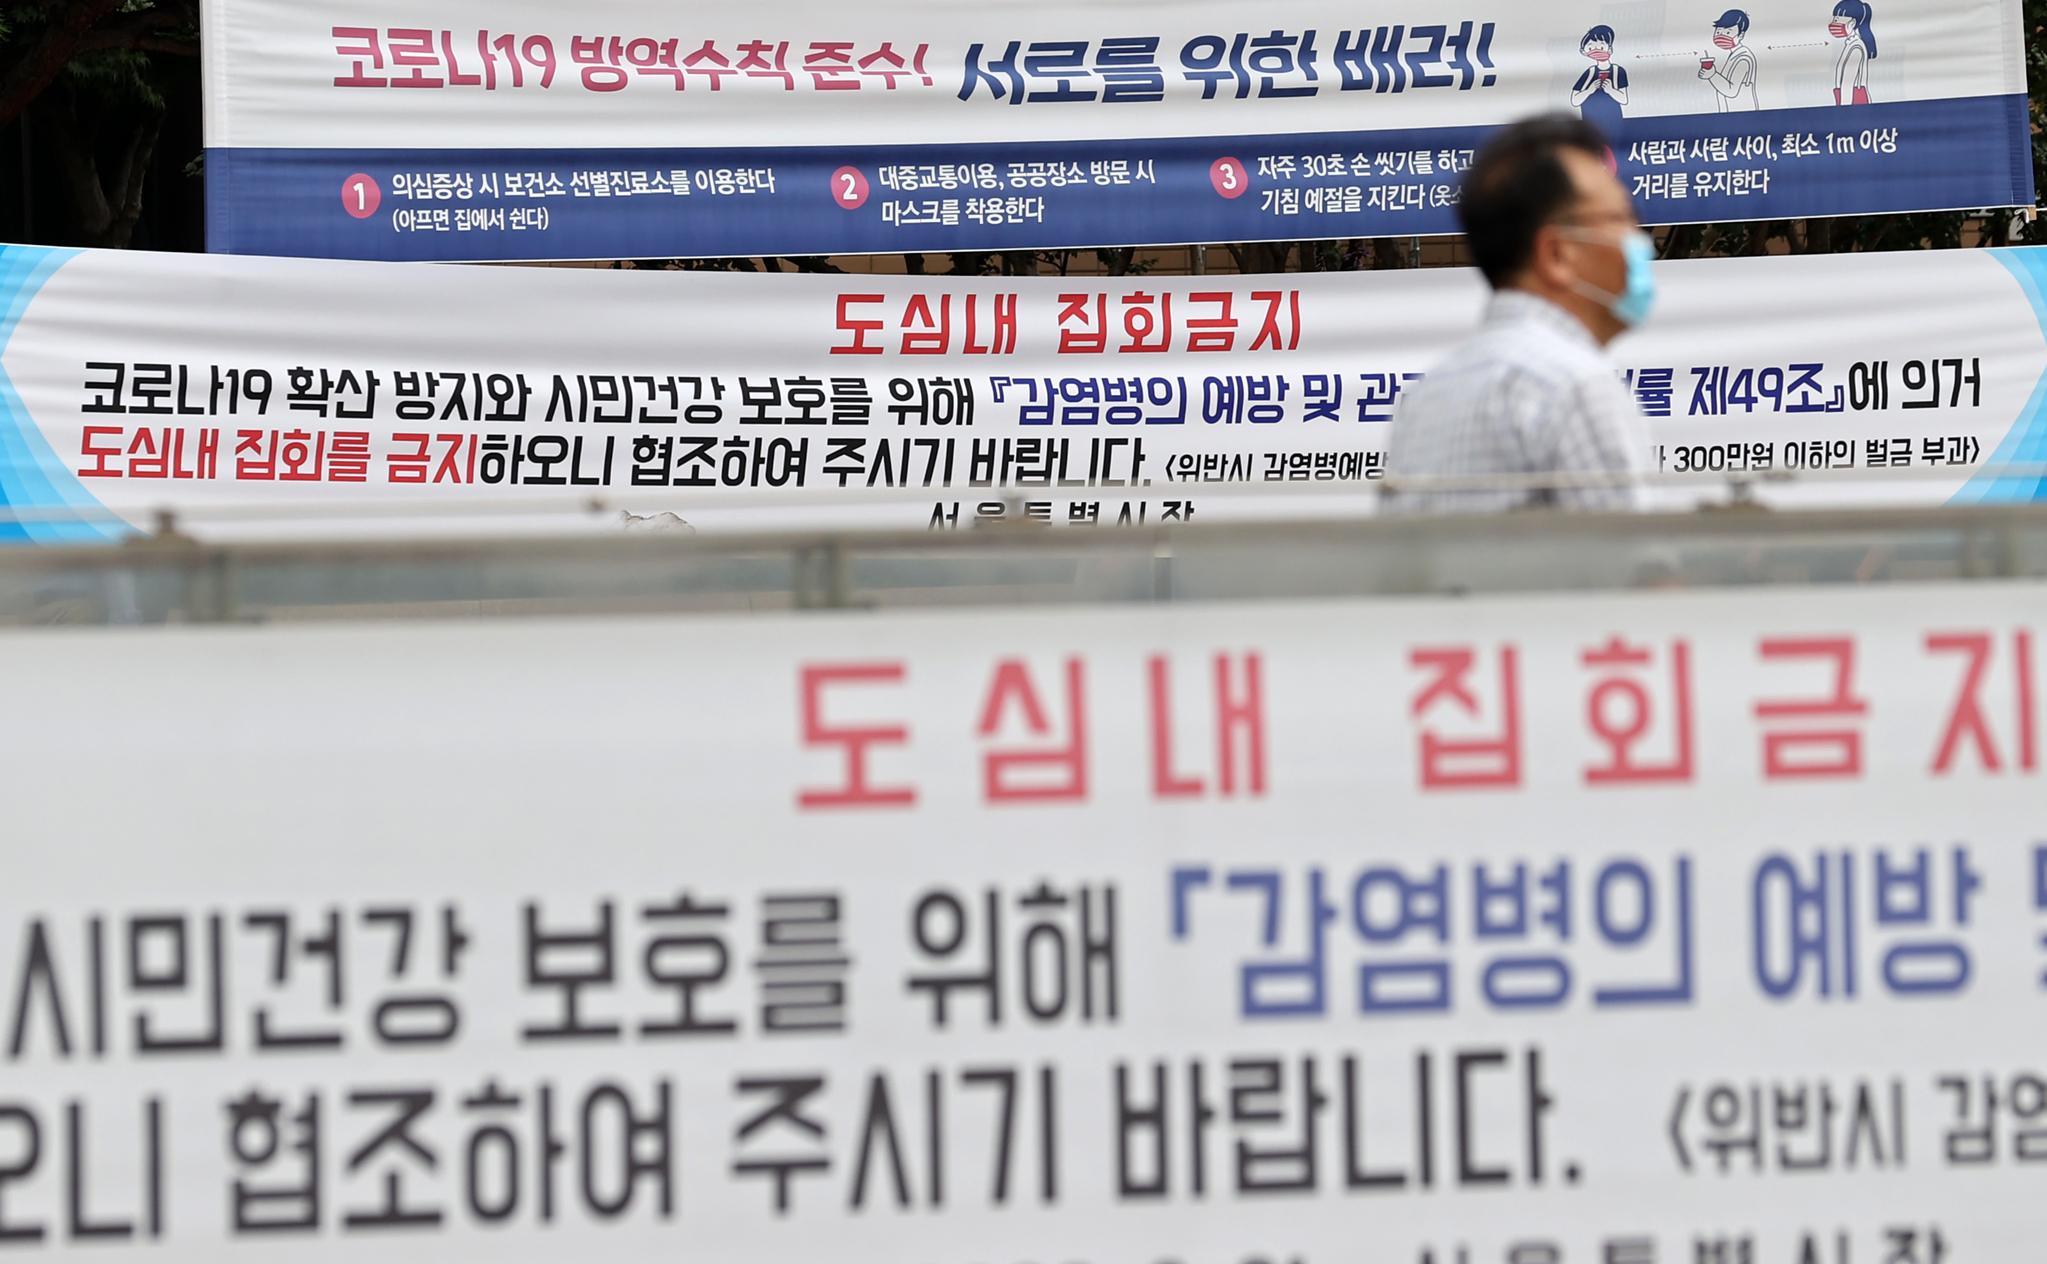 무더기 감염 전광훈 교회도 강행…광화문 집회 12만 집결한다